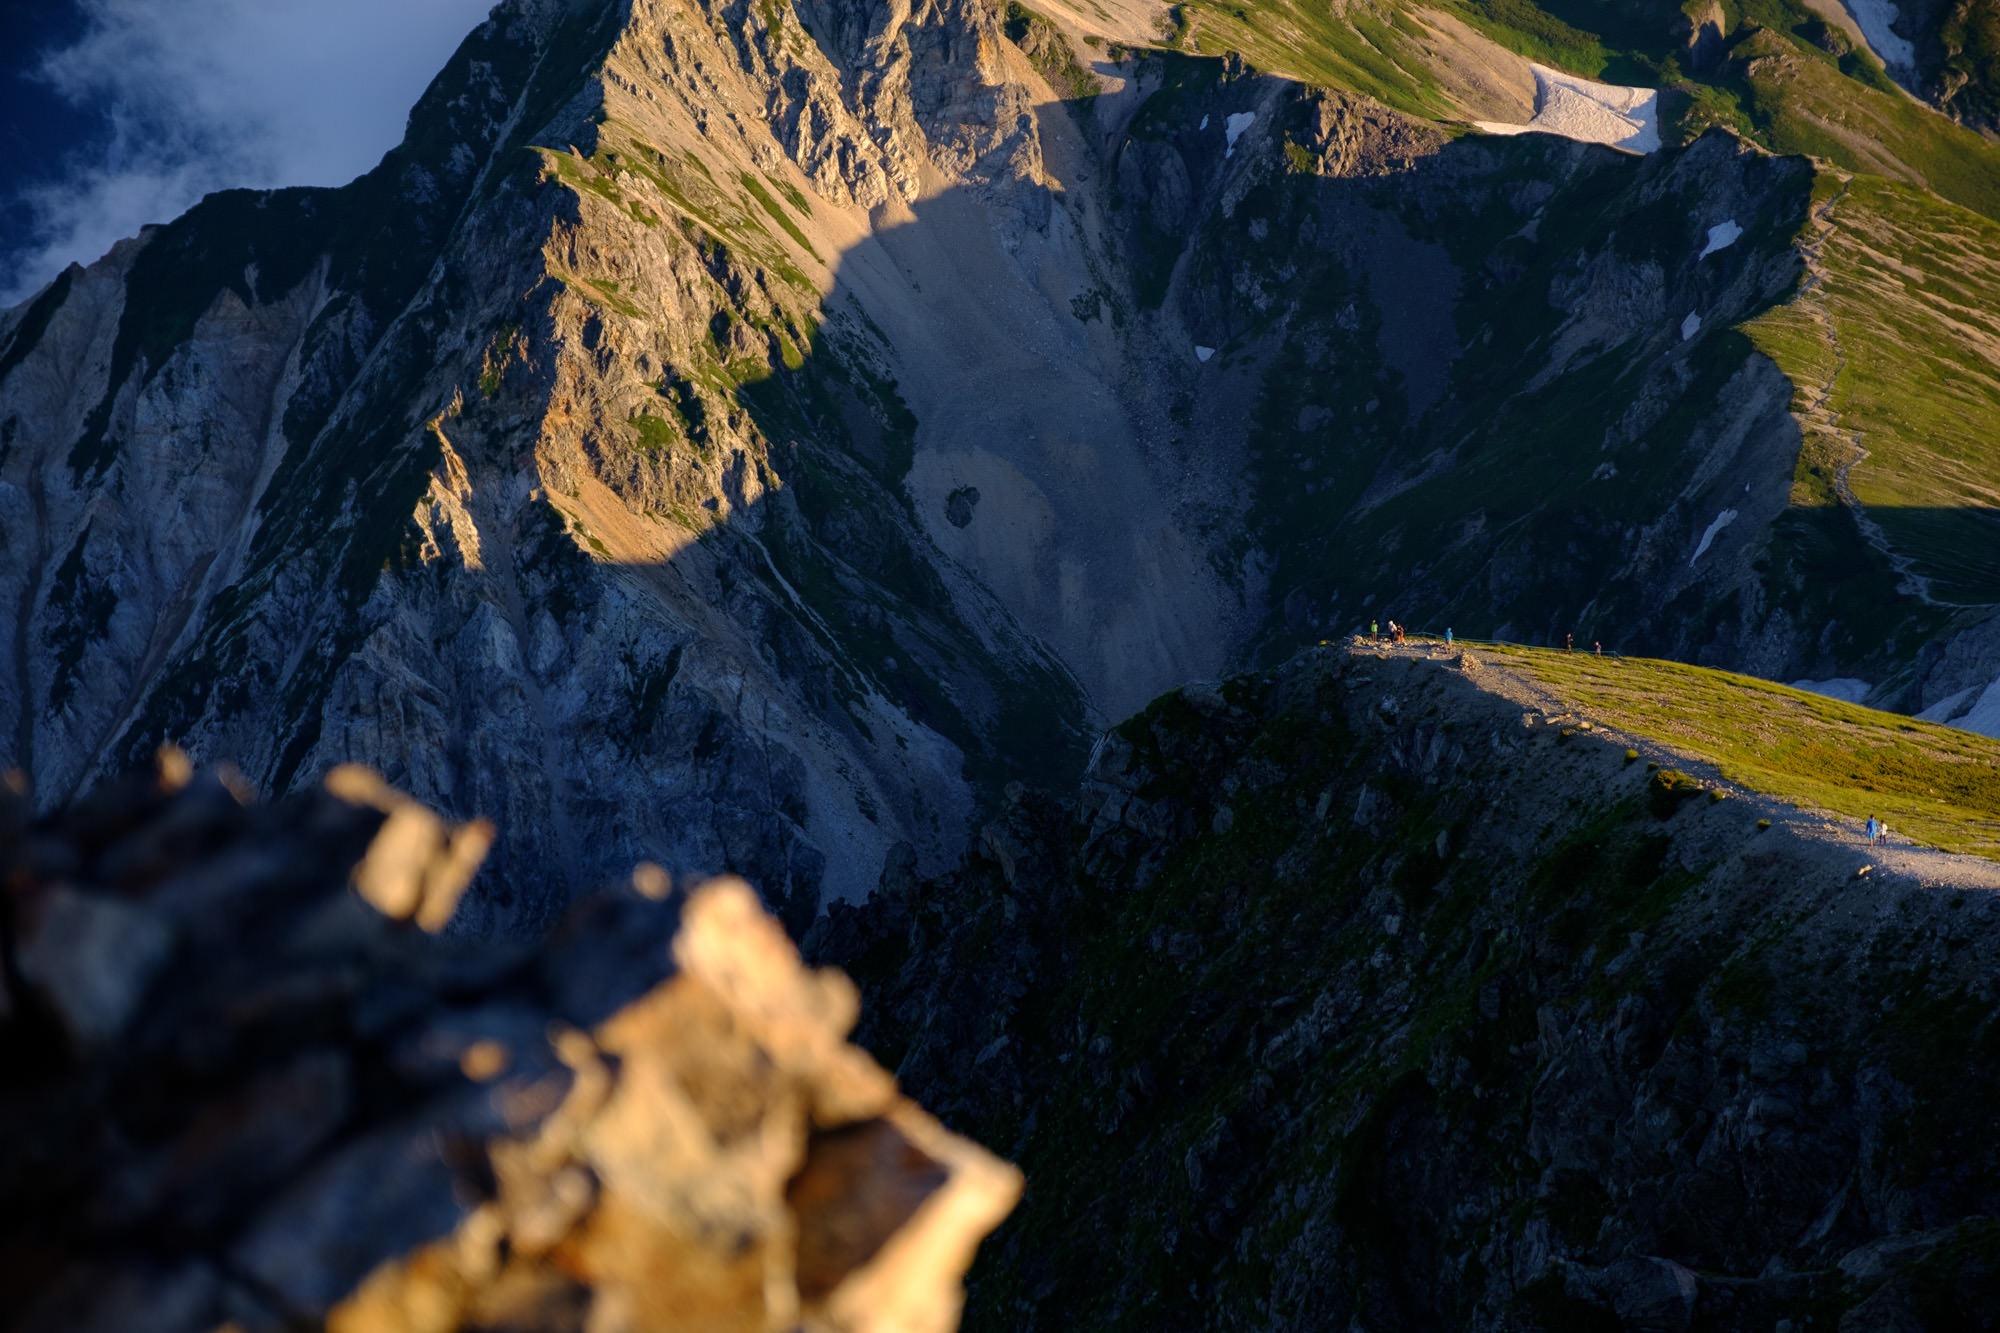 白馬岳に登る登山者たち